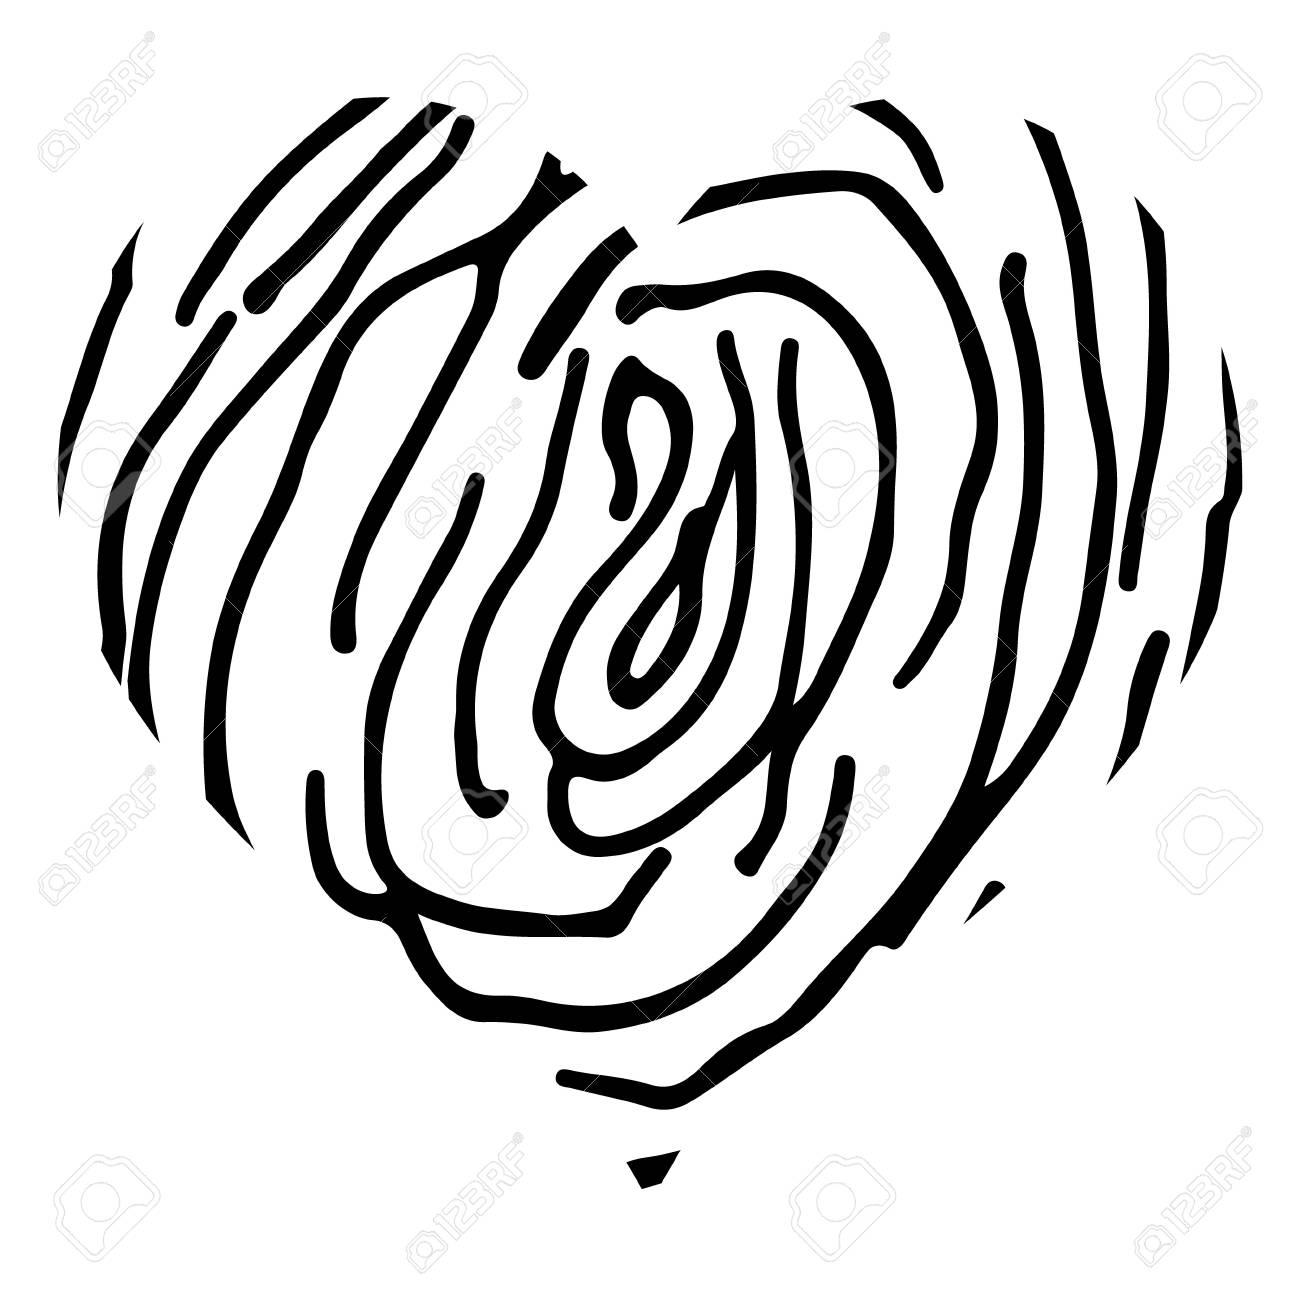 Diseño De Forma De Corazón Para Símbolos De Amor Corazón Blanco Y